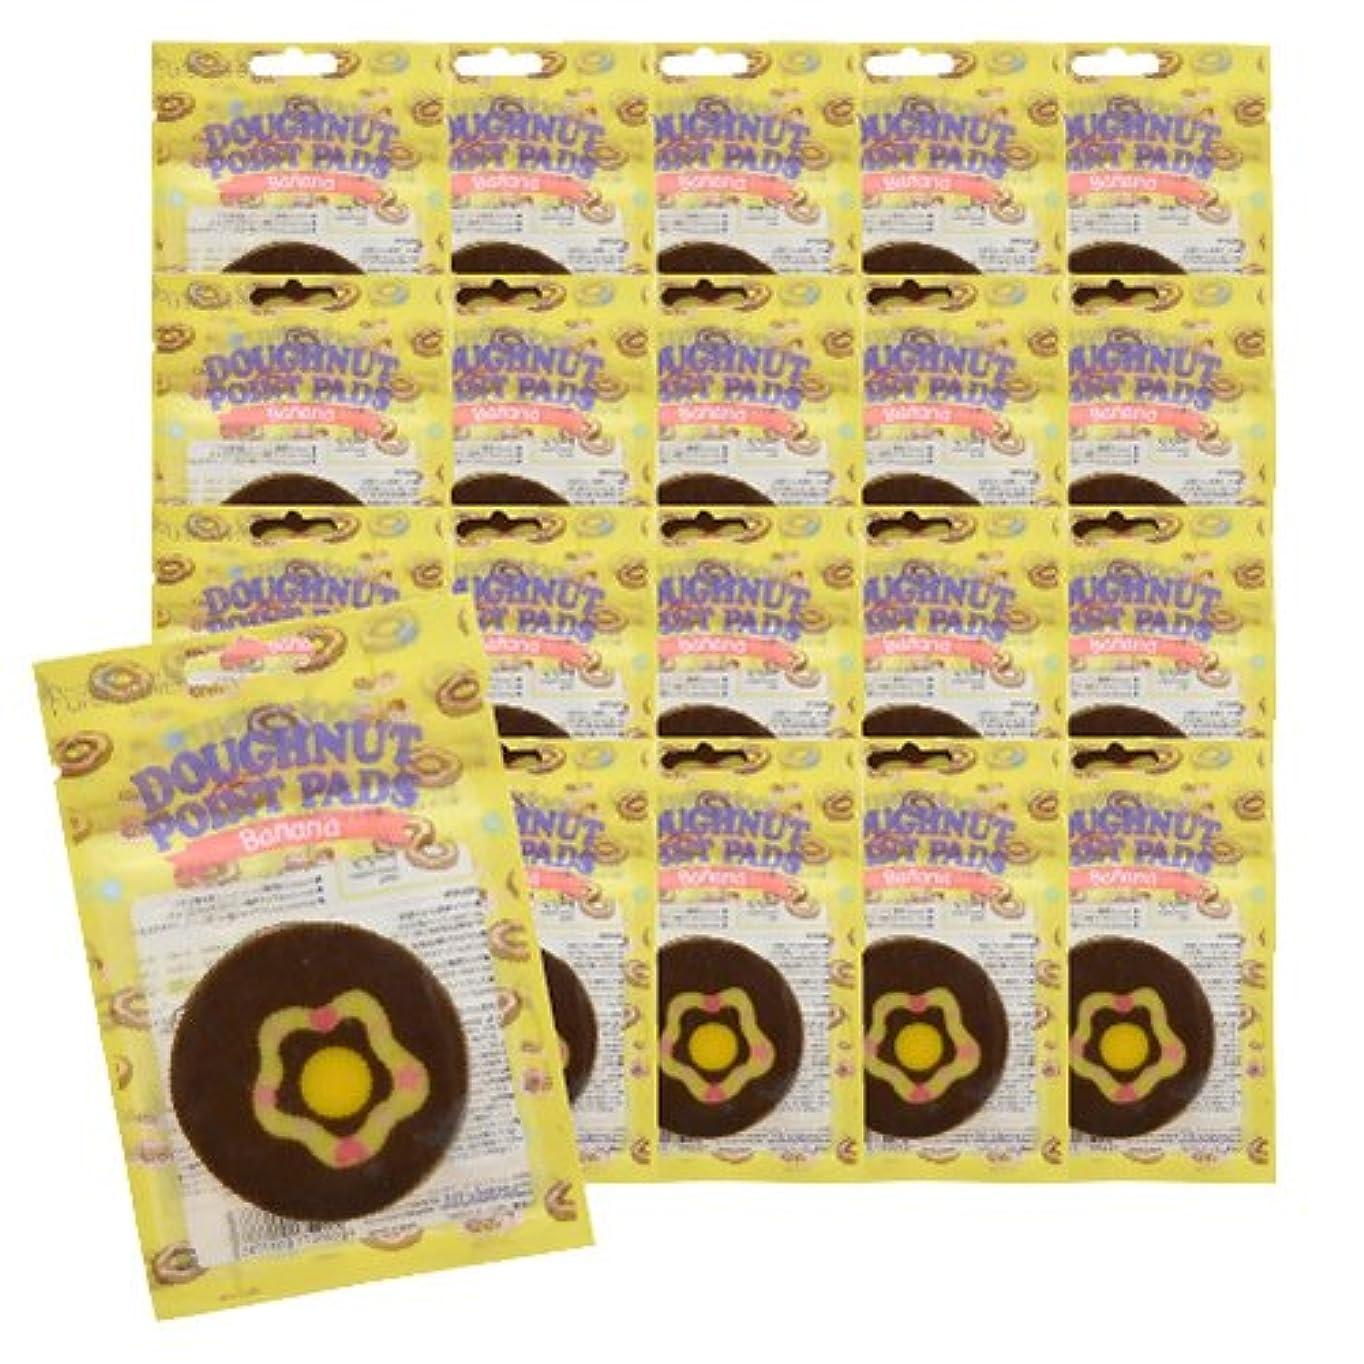 提供する脇に遺産ピュアスマイル スイートドーナツポイントパッド バナナ 20枚パック